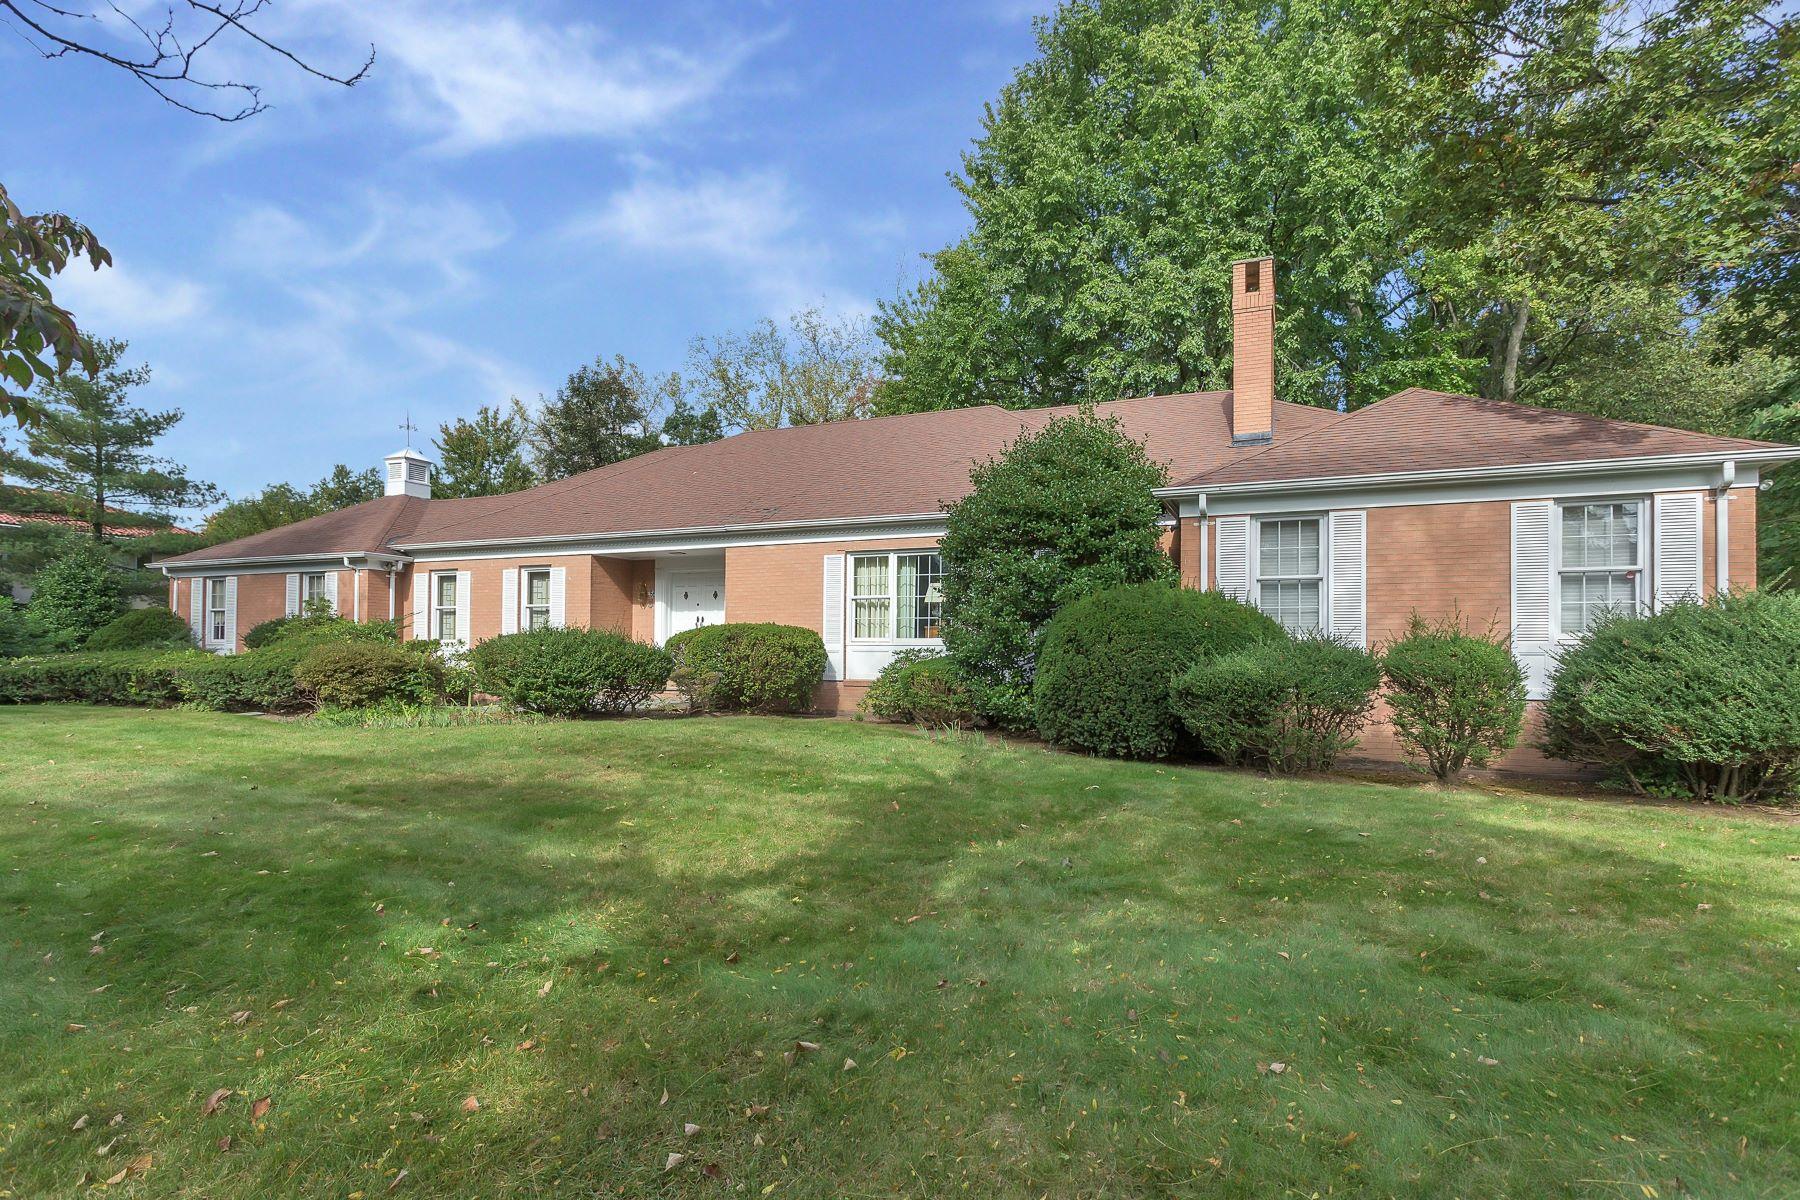 단독 가정 주택 용 매매 에 Prime Prestigious Location 56 Jane Dr, Englewood Cliffs, 뉴저지, 07632 미국